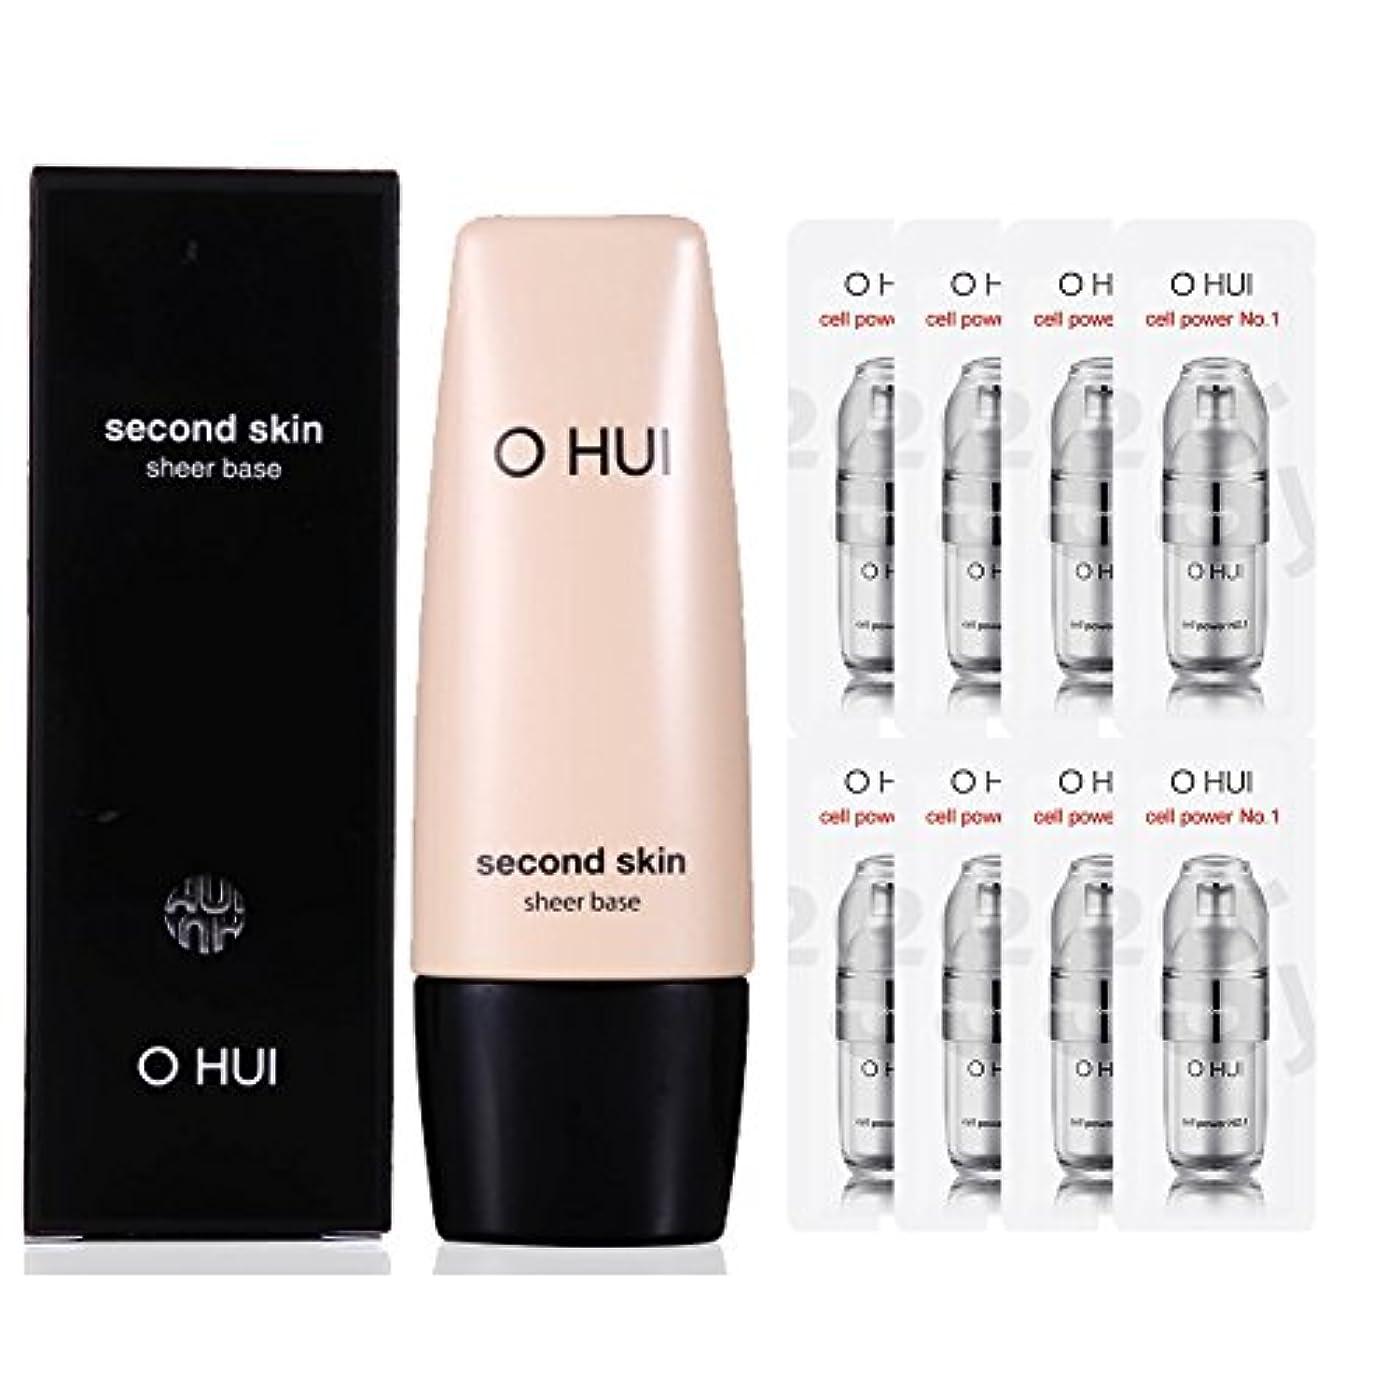 パドルのスコアもう一度OHUI/オフィセカンドスキン シアーベース + 特別の構成 (OHUI SECOND SKIN SHEER BASE Makeup Base +Special Gift set)]【スポットセール】[海外直送品]